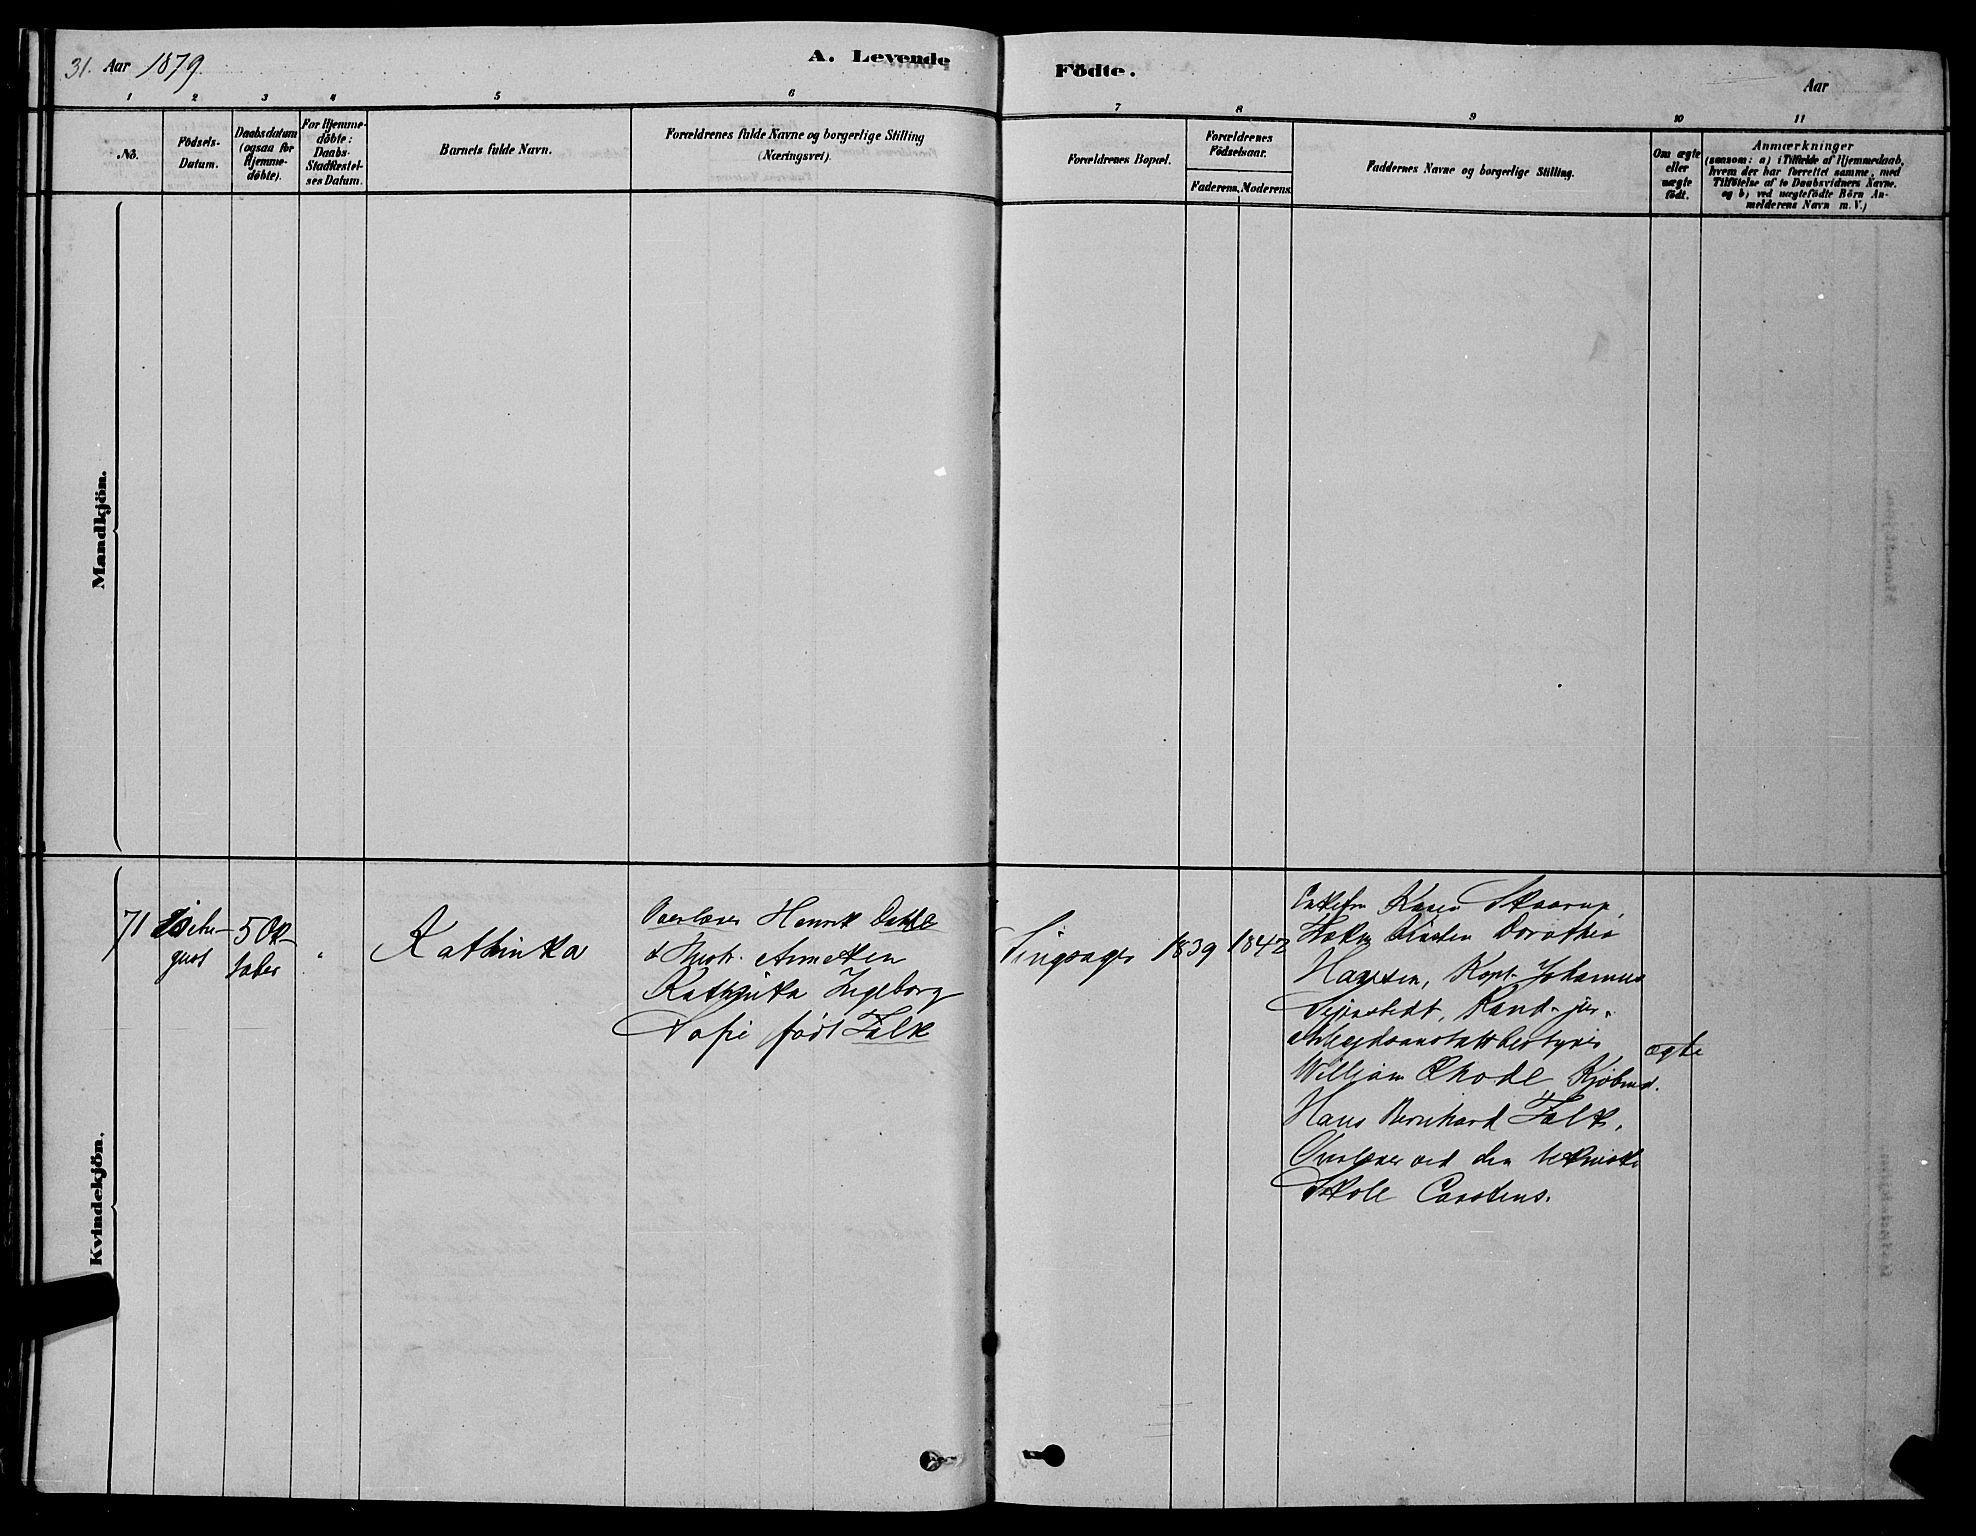 SAT, Ministerialprotokoller, klokkerbøker og fødselsregistre - Sør-Trøndelag, 606/L0312: Klokkerbok nr. 606C08, 1878-1894, s. 31